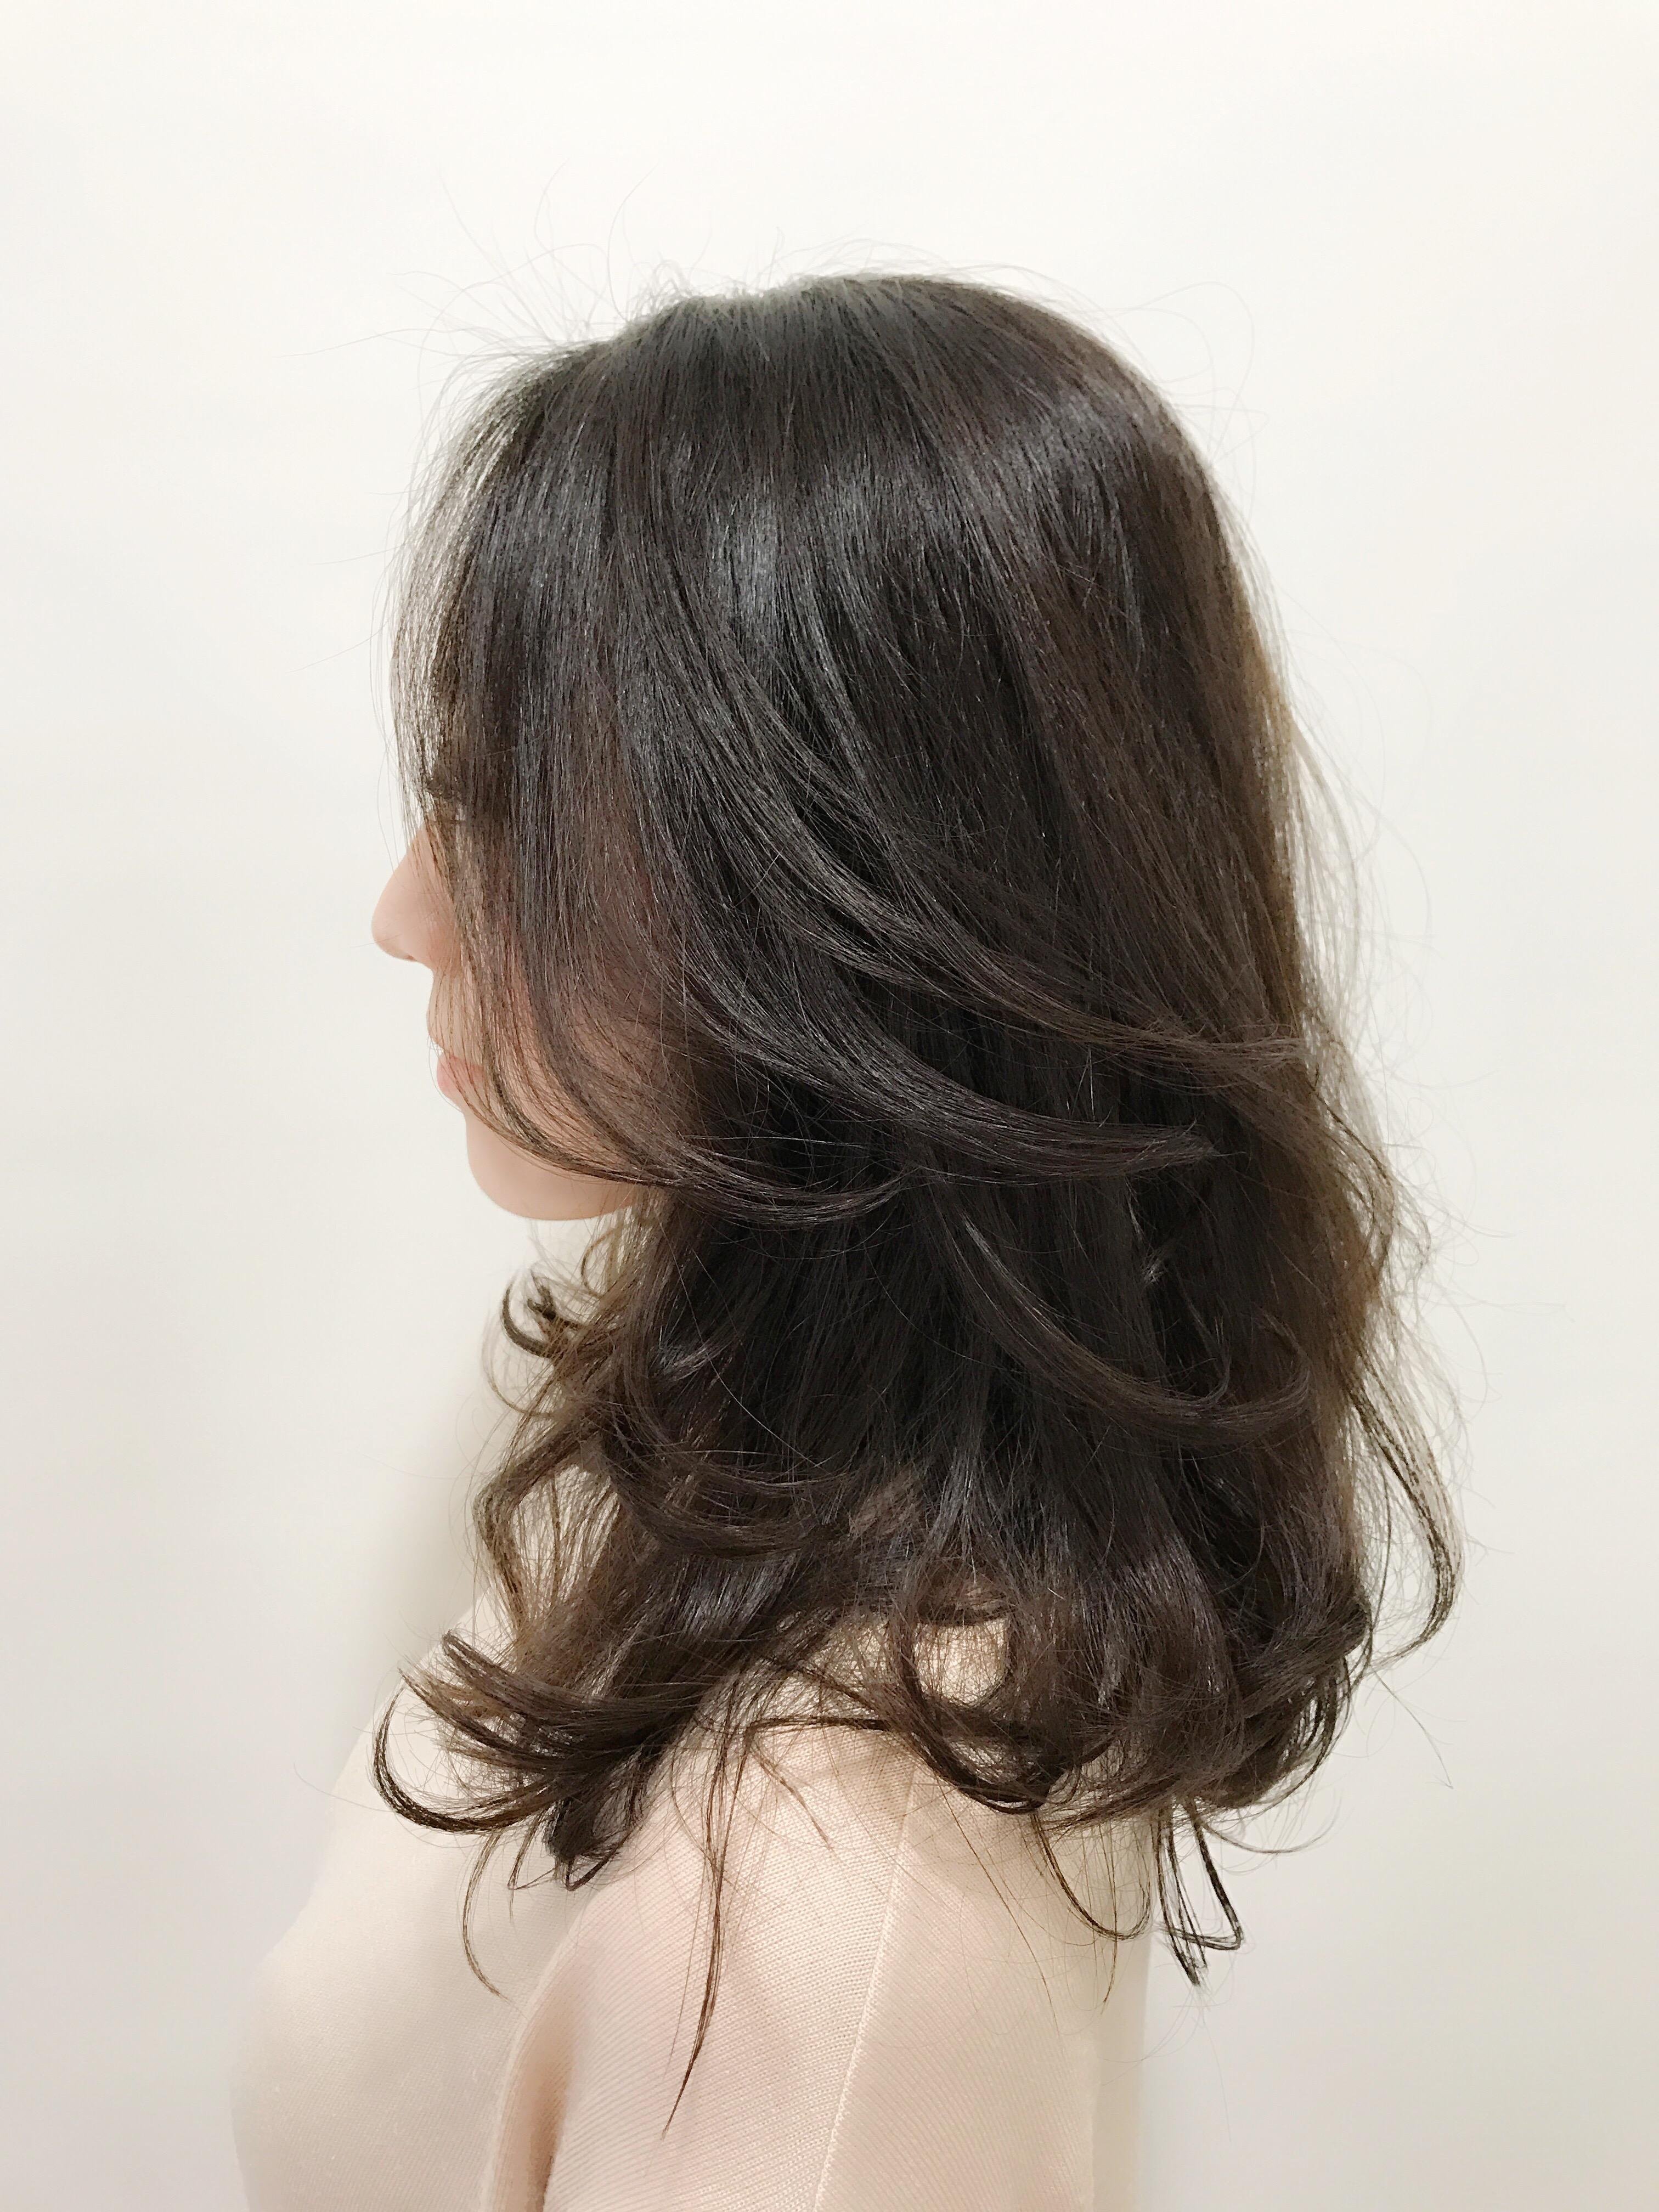 季節と髪の毛の部分部分に合わせて。乾燥、湿気、根本、毛先、前髪……いろいろありますがピンポイントで合わせるのも有りです^ ^